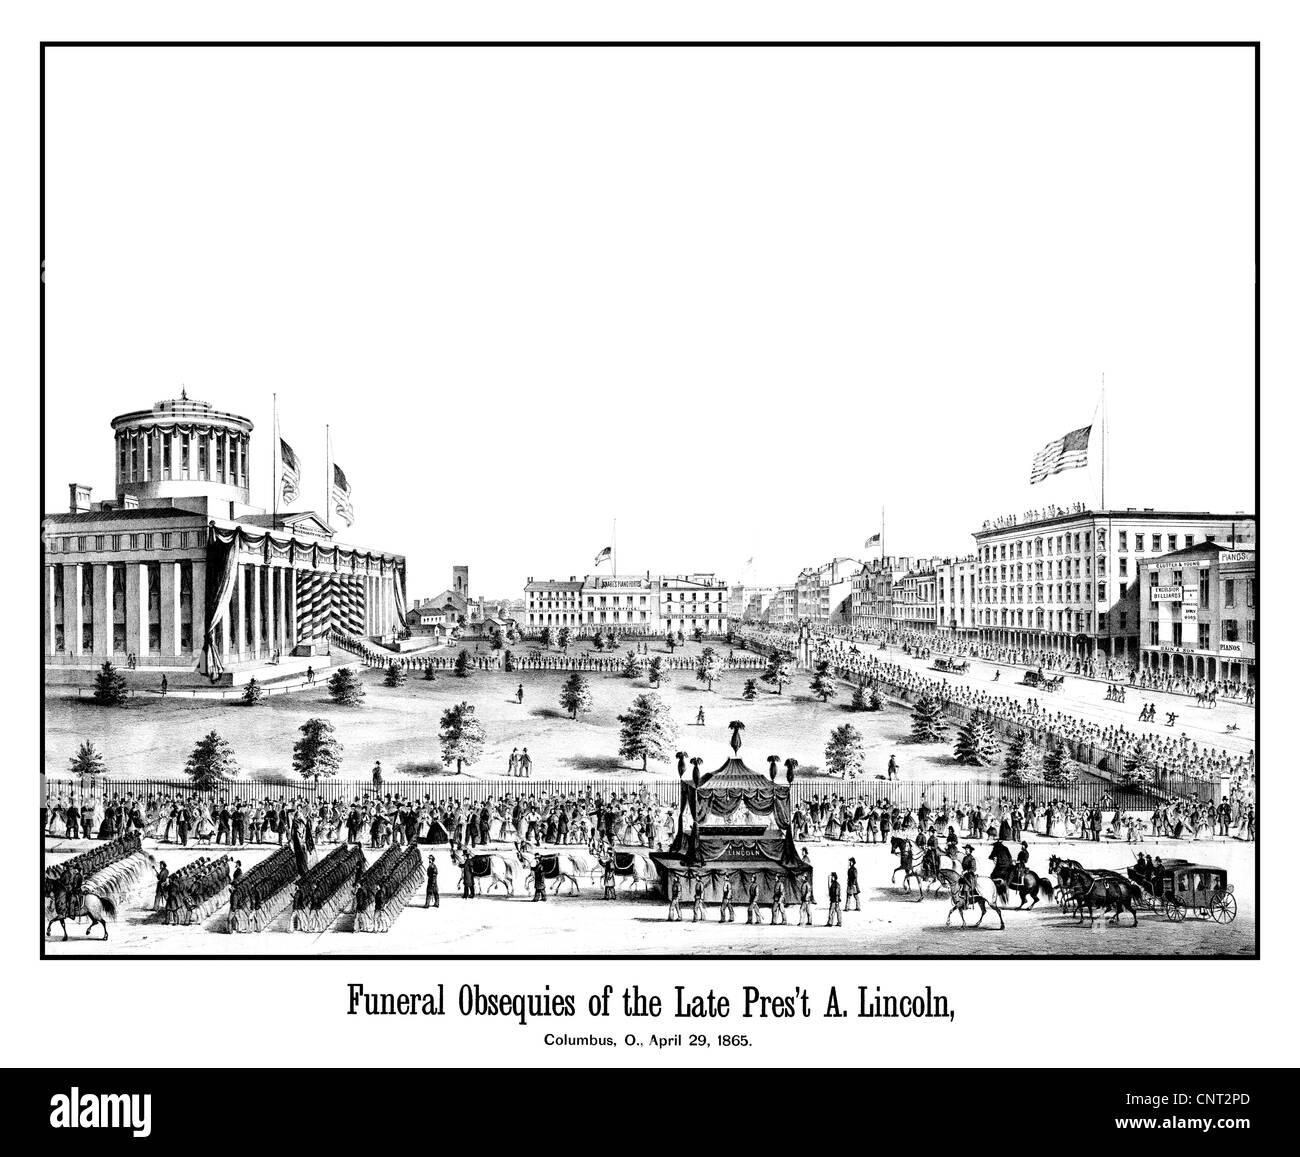 Digitallly restauriert Oldtimer Bürgerkrieg Ära print zeigt den Trauerzug von Präsident Lincoln. Stockbild